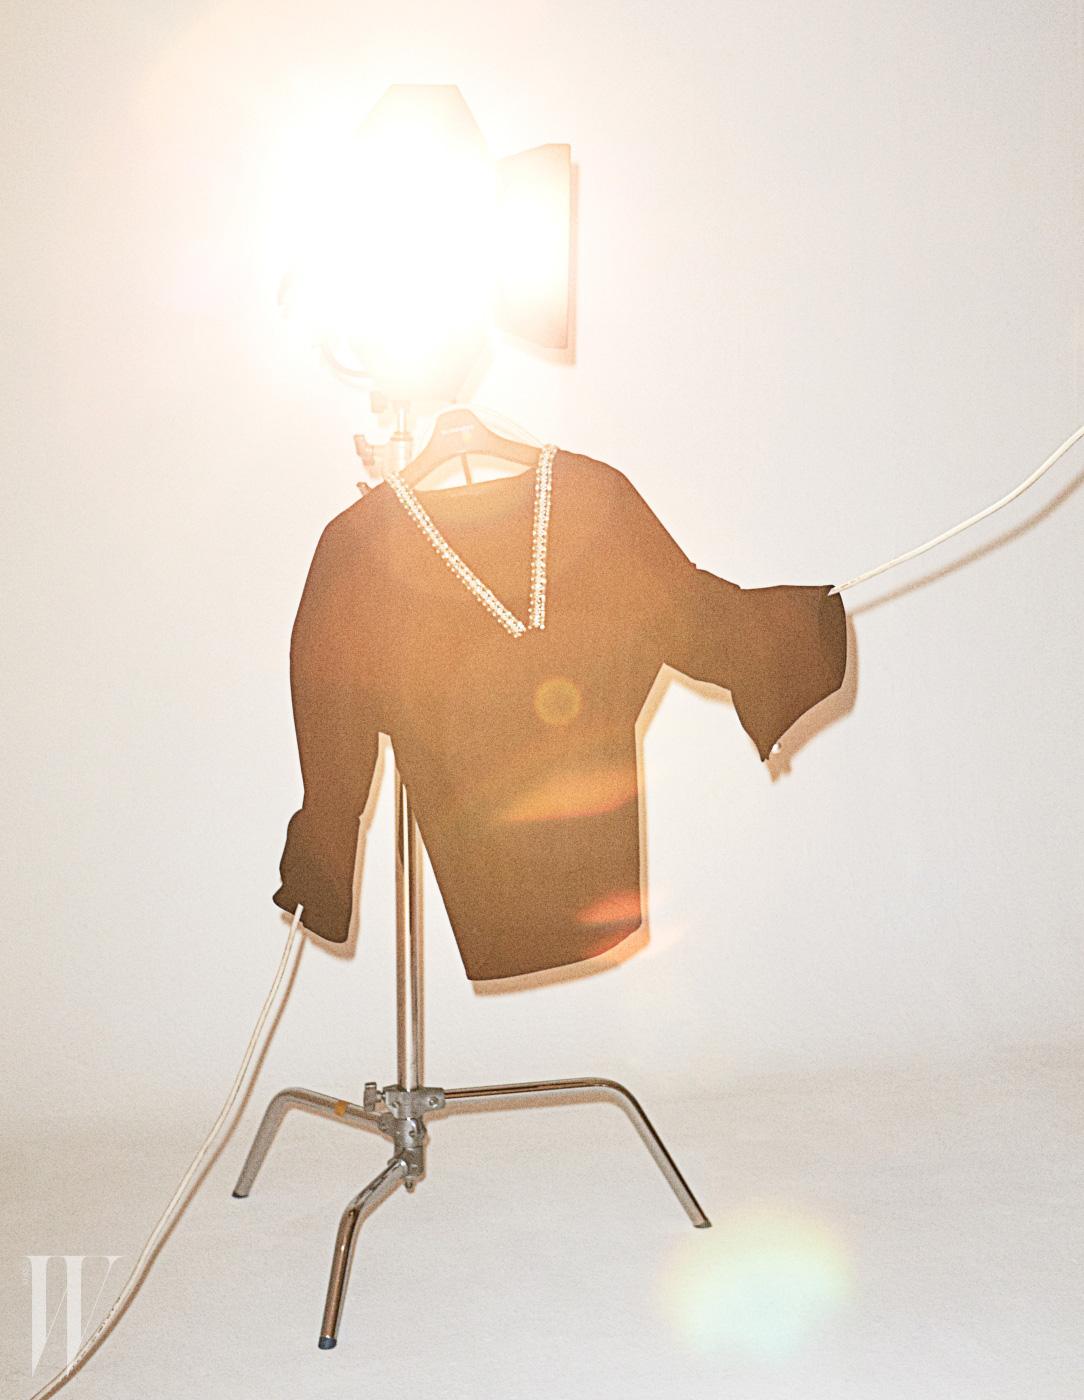 장식적인 요소와 미니멀한 실루엣의 조합. 블라인드니스의 유니크한 셔츠.